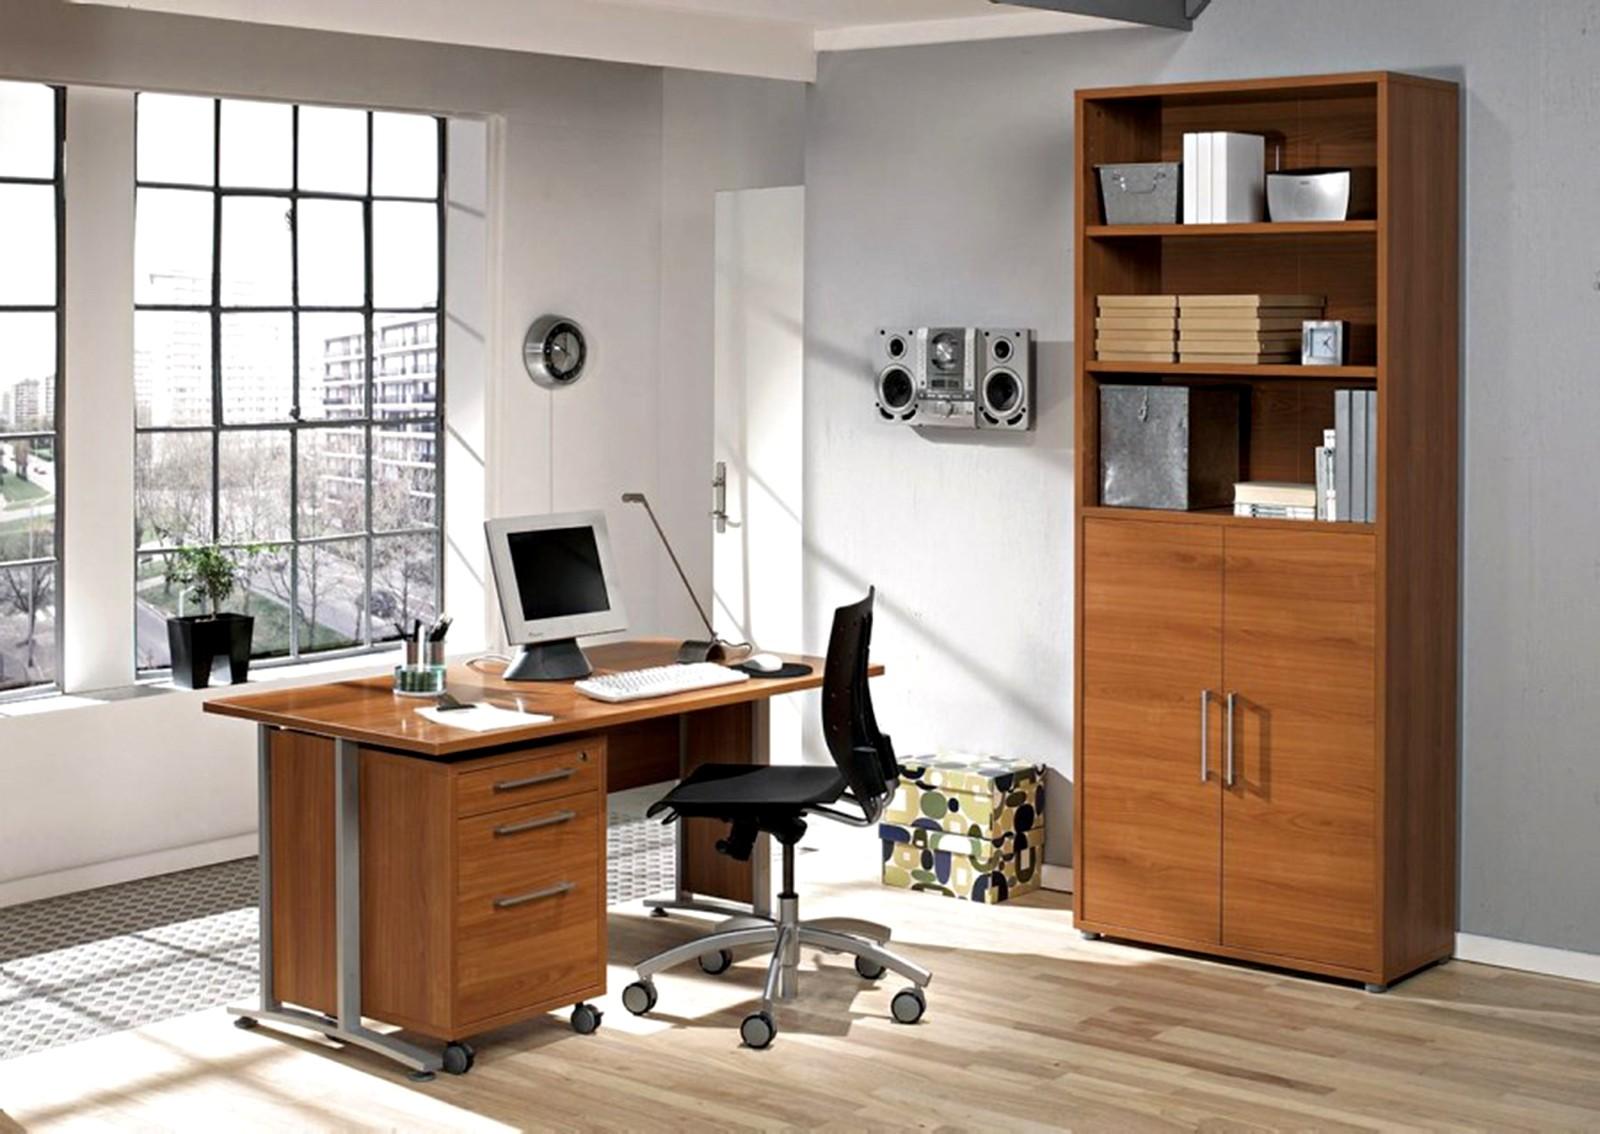 ... .5h ciliegio - arredo casa ufficio - Arredo Ufficio - Arredamento